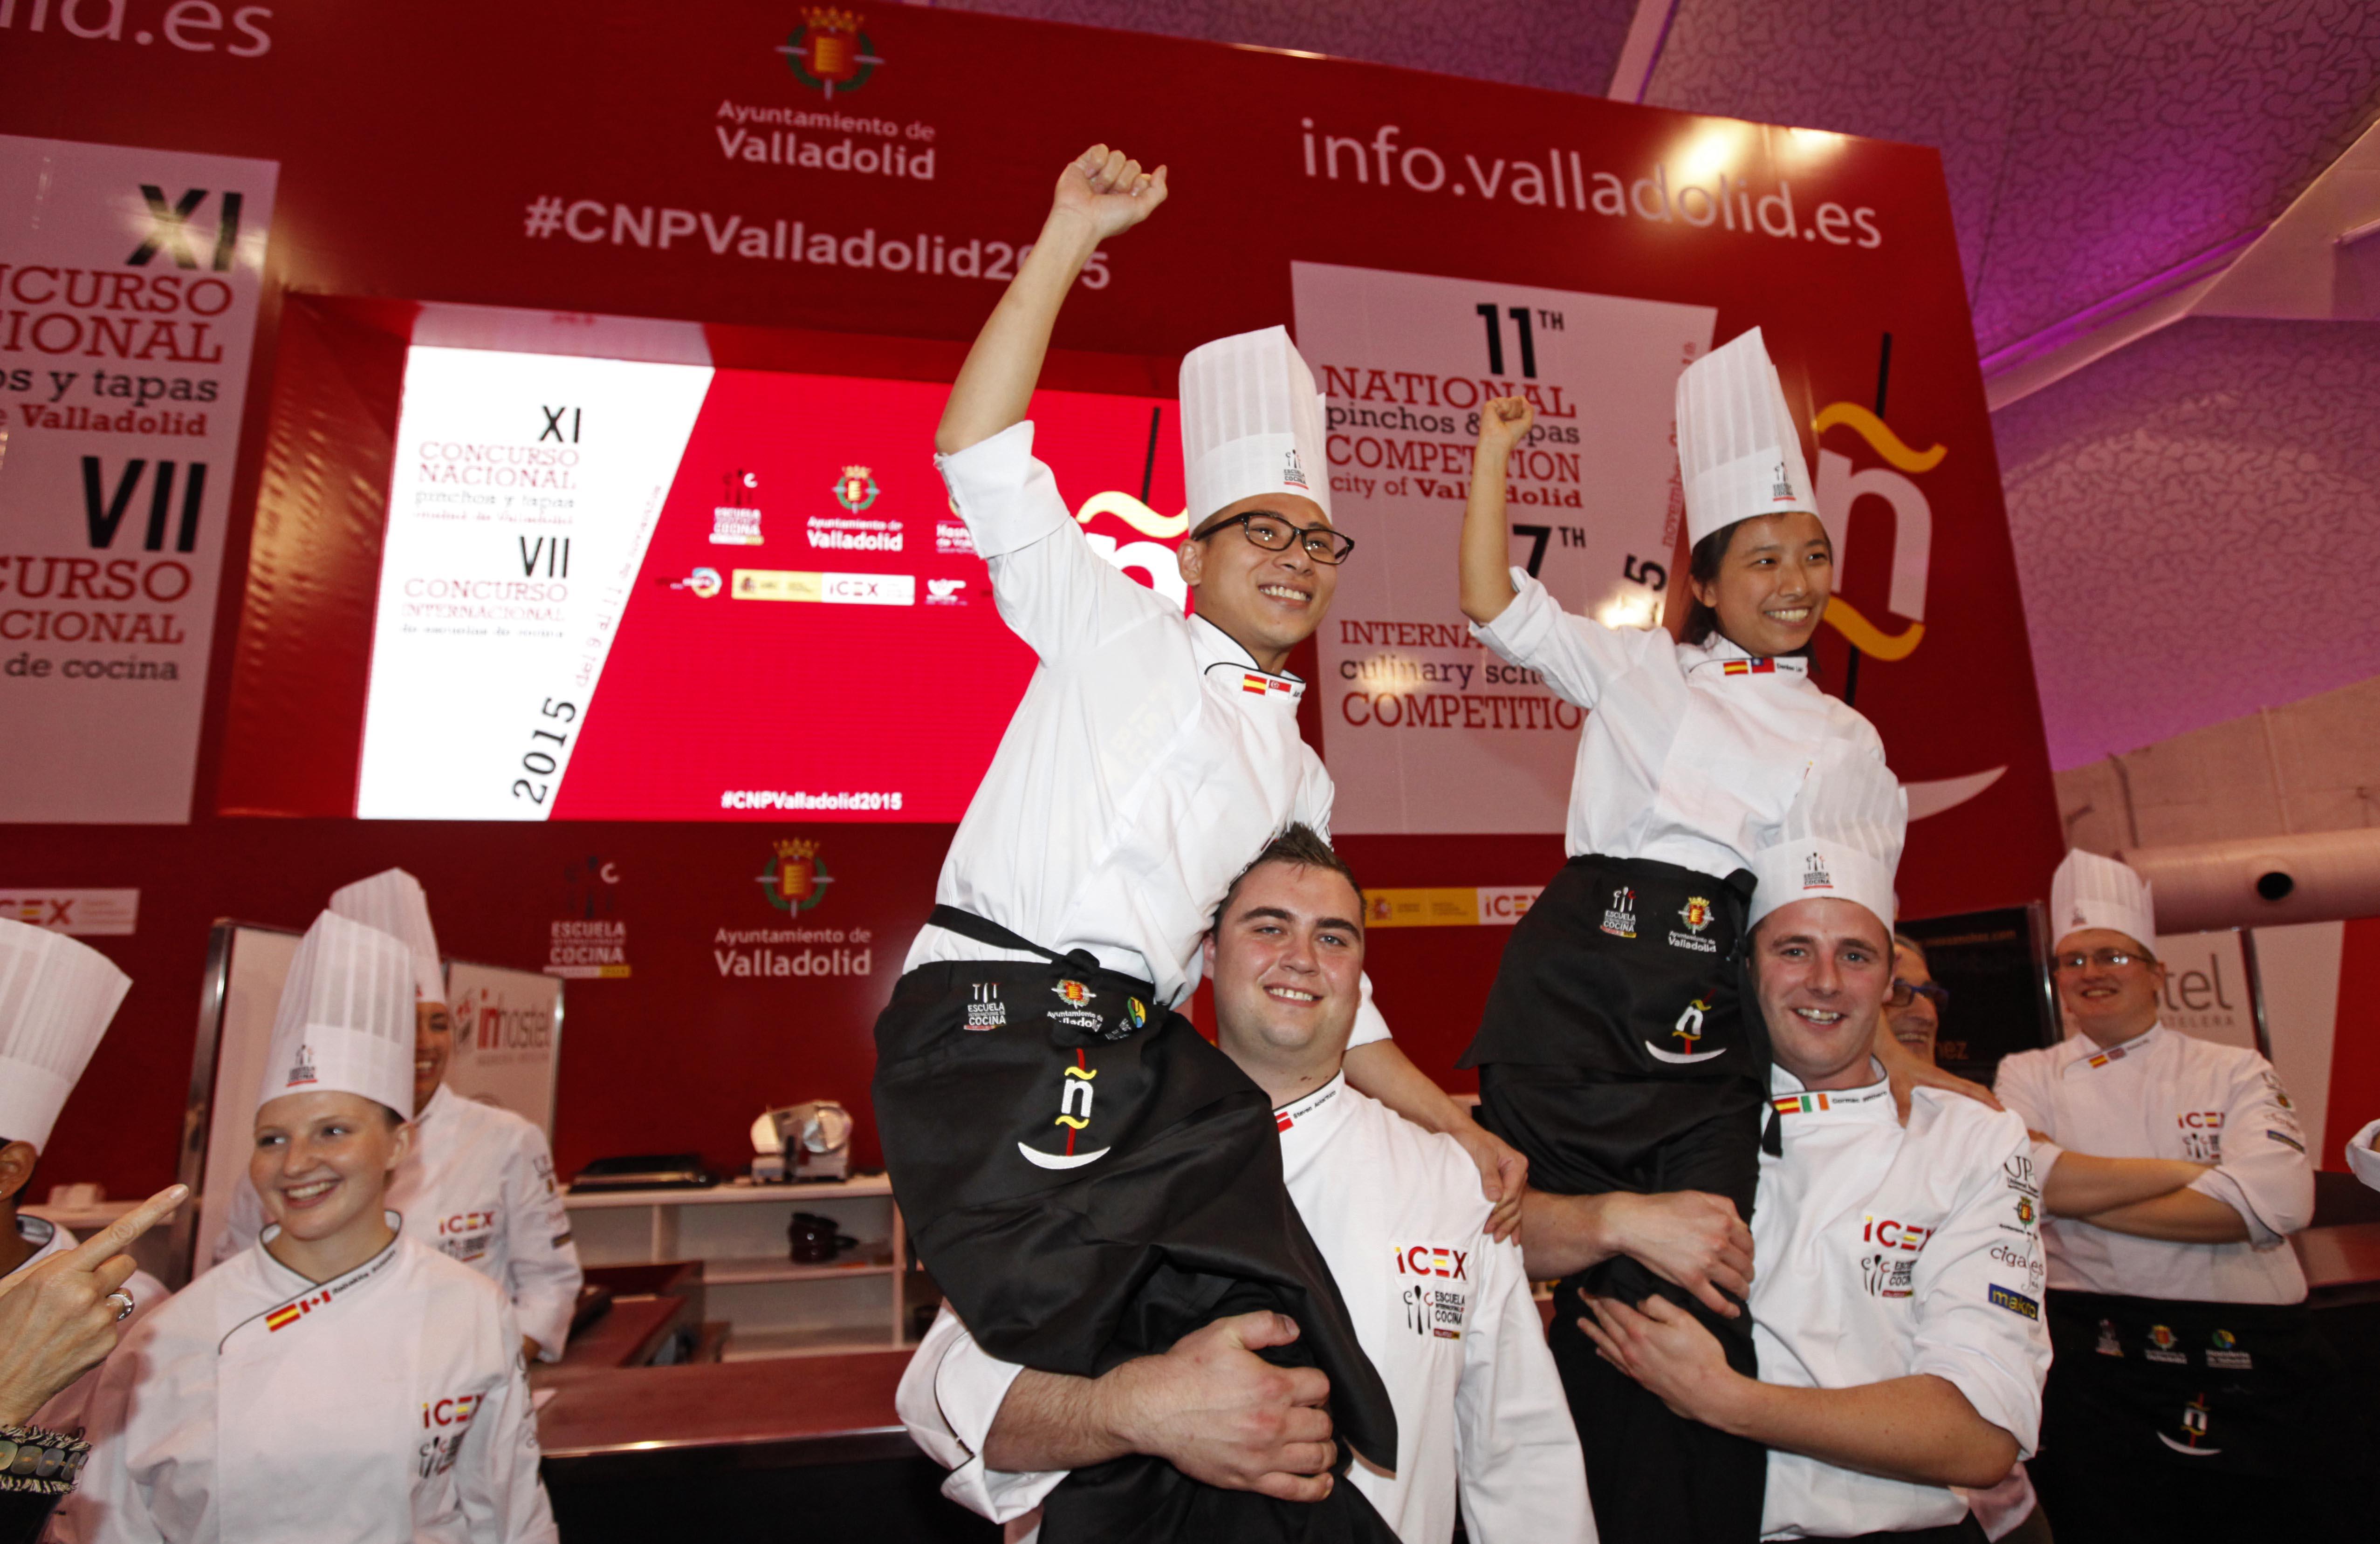 Concursos Cocina | Vii Concurso Internacional De Escuelas De Cocina